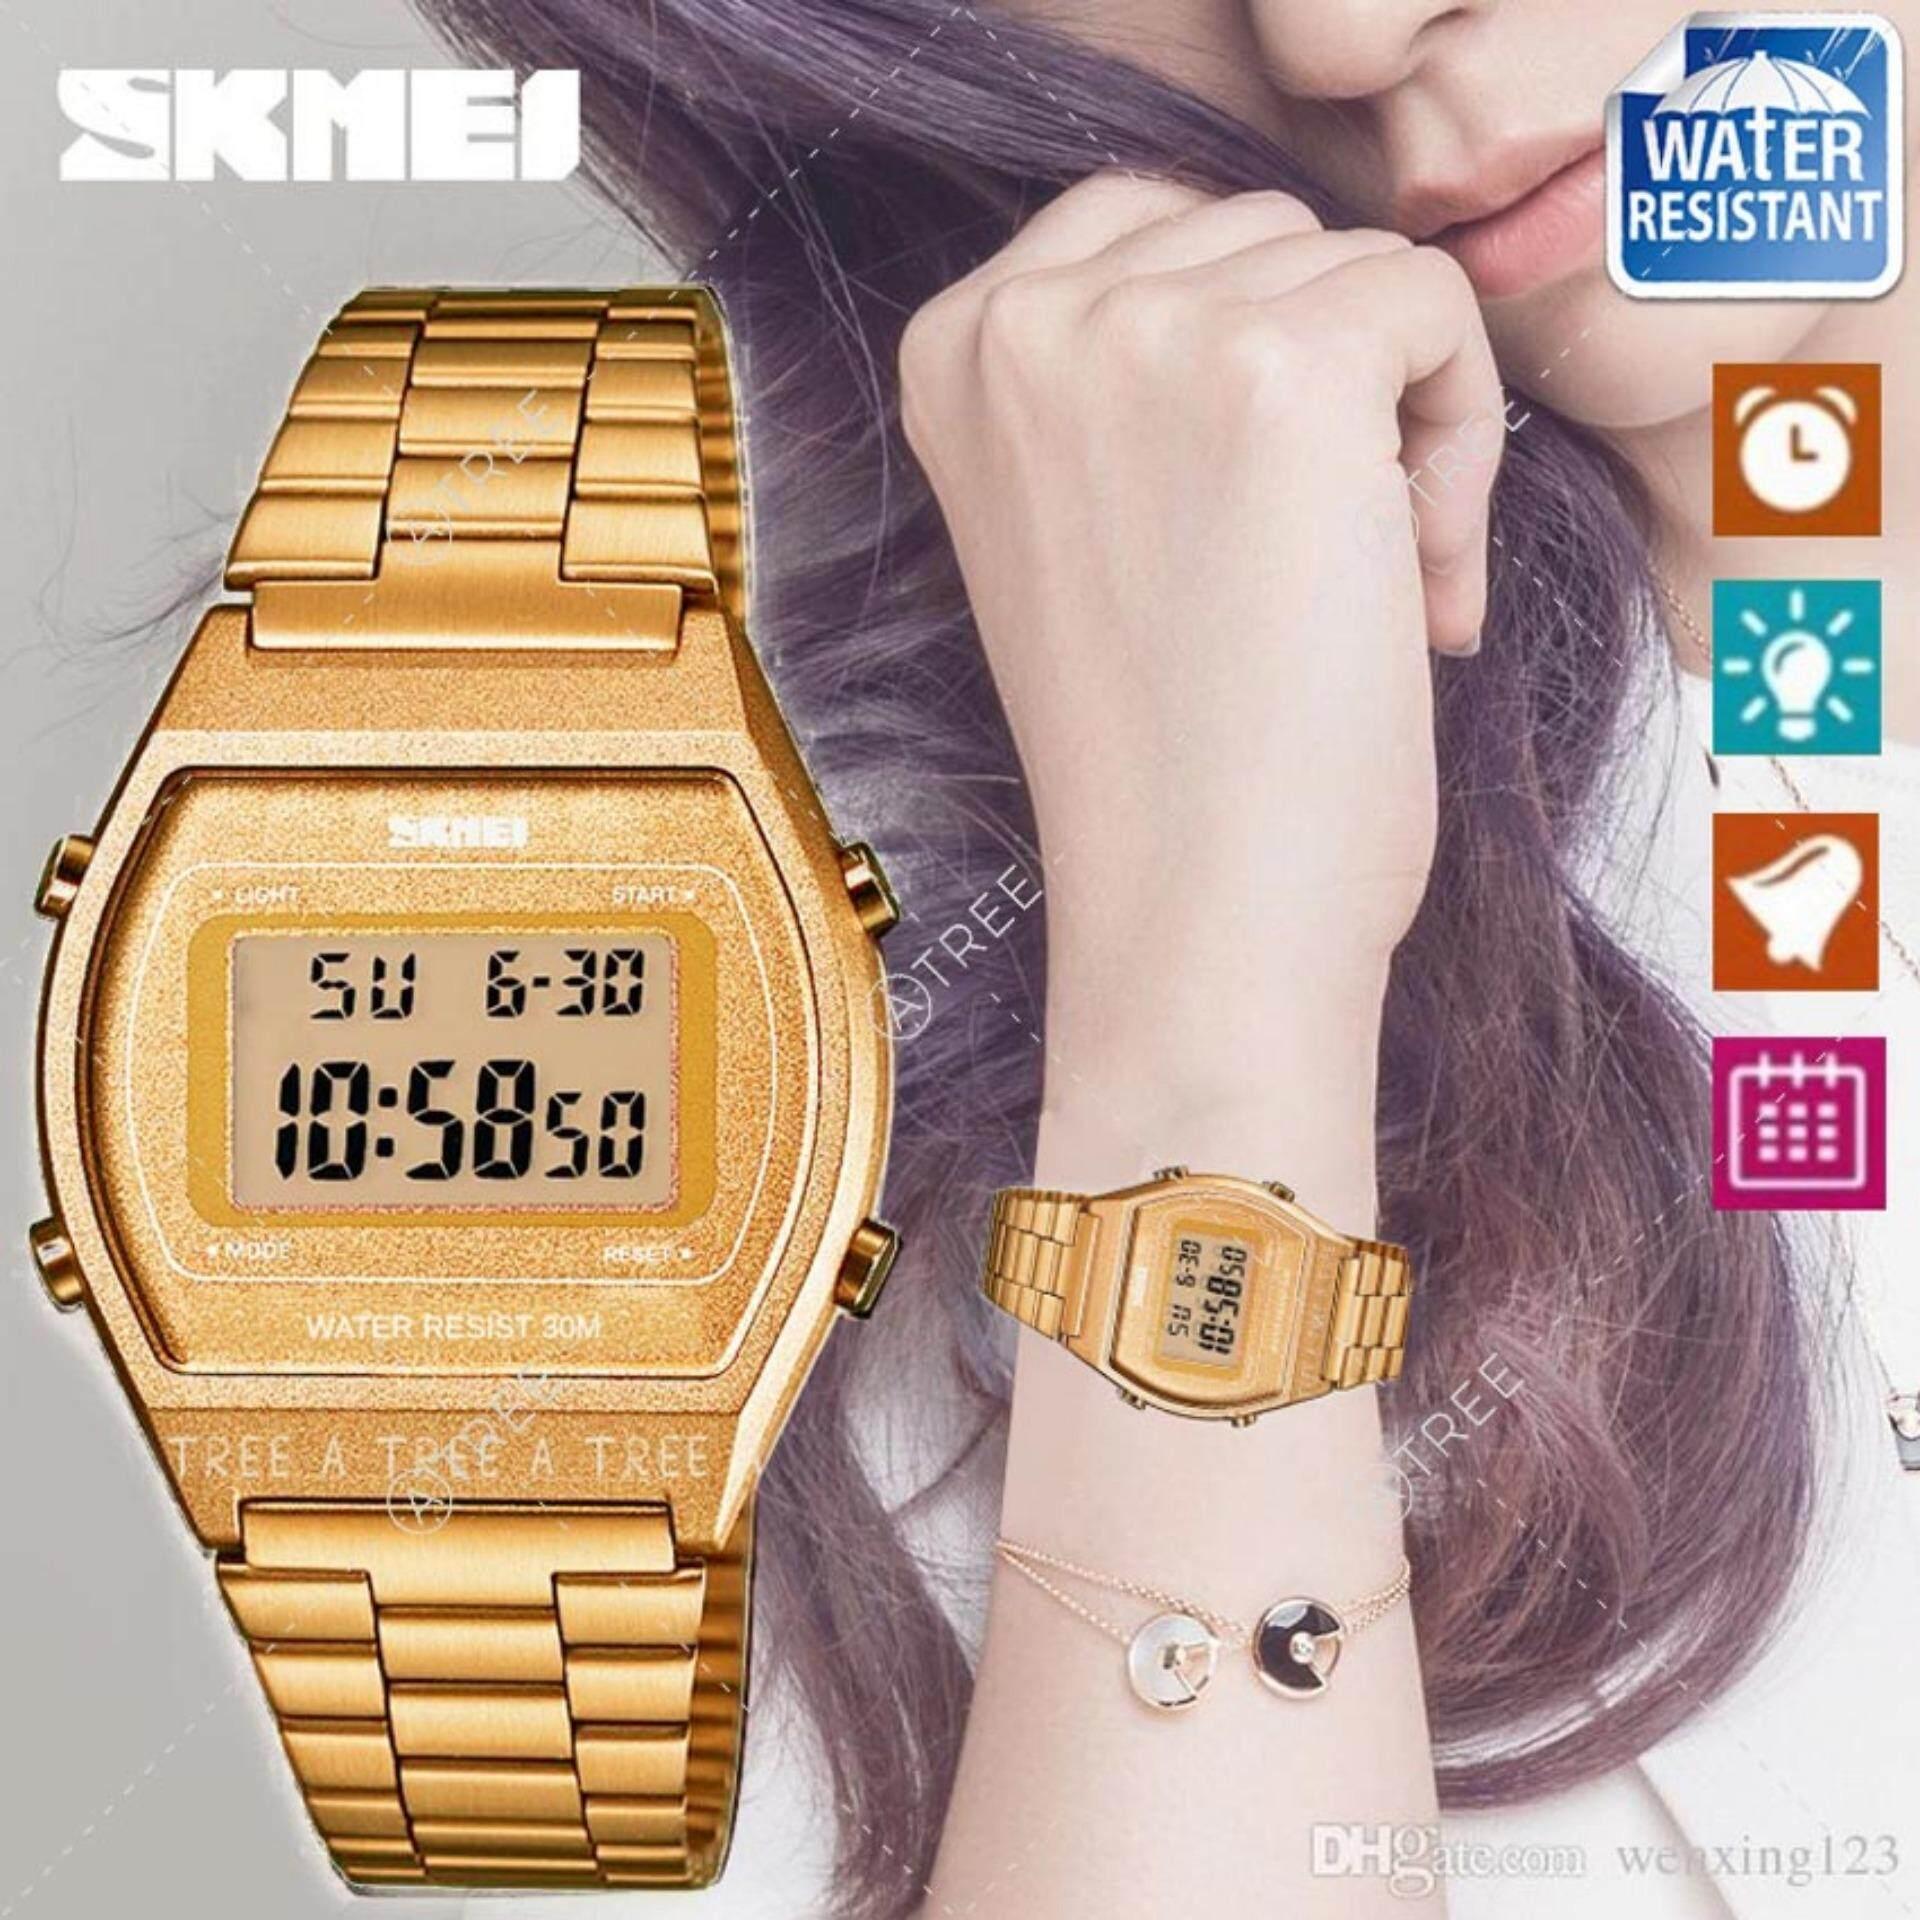 ขาย Skmei ของแท้ 100 ส่งในไทยไวแน่นอน นาฬิกาข้อมือผู้หญิง สไตล์ Casual Bussiness Watch จับเวลา ตั้งปลุกได้ ไฟ Led ส่องสว่าง สายแสตนเลสสีพิ้งโกลด์ รุ่น Sk M1328 สีทอง Gold Skmei ใน กรุงเทพมหานคร